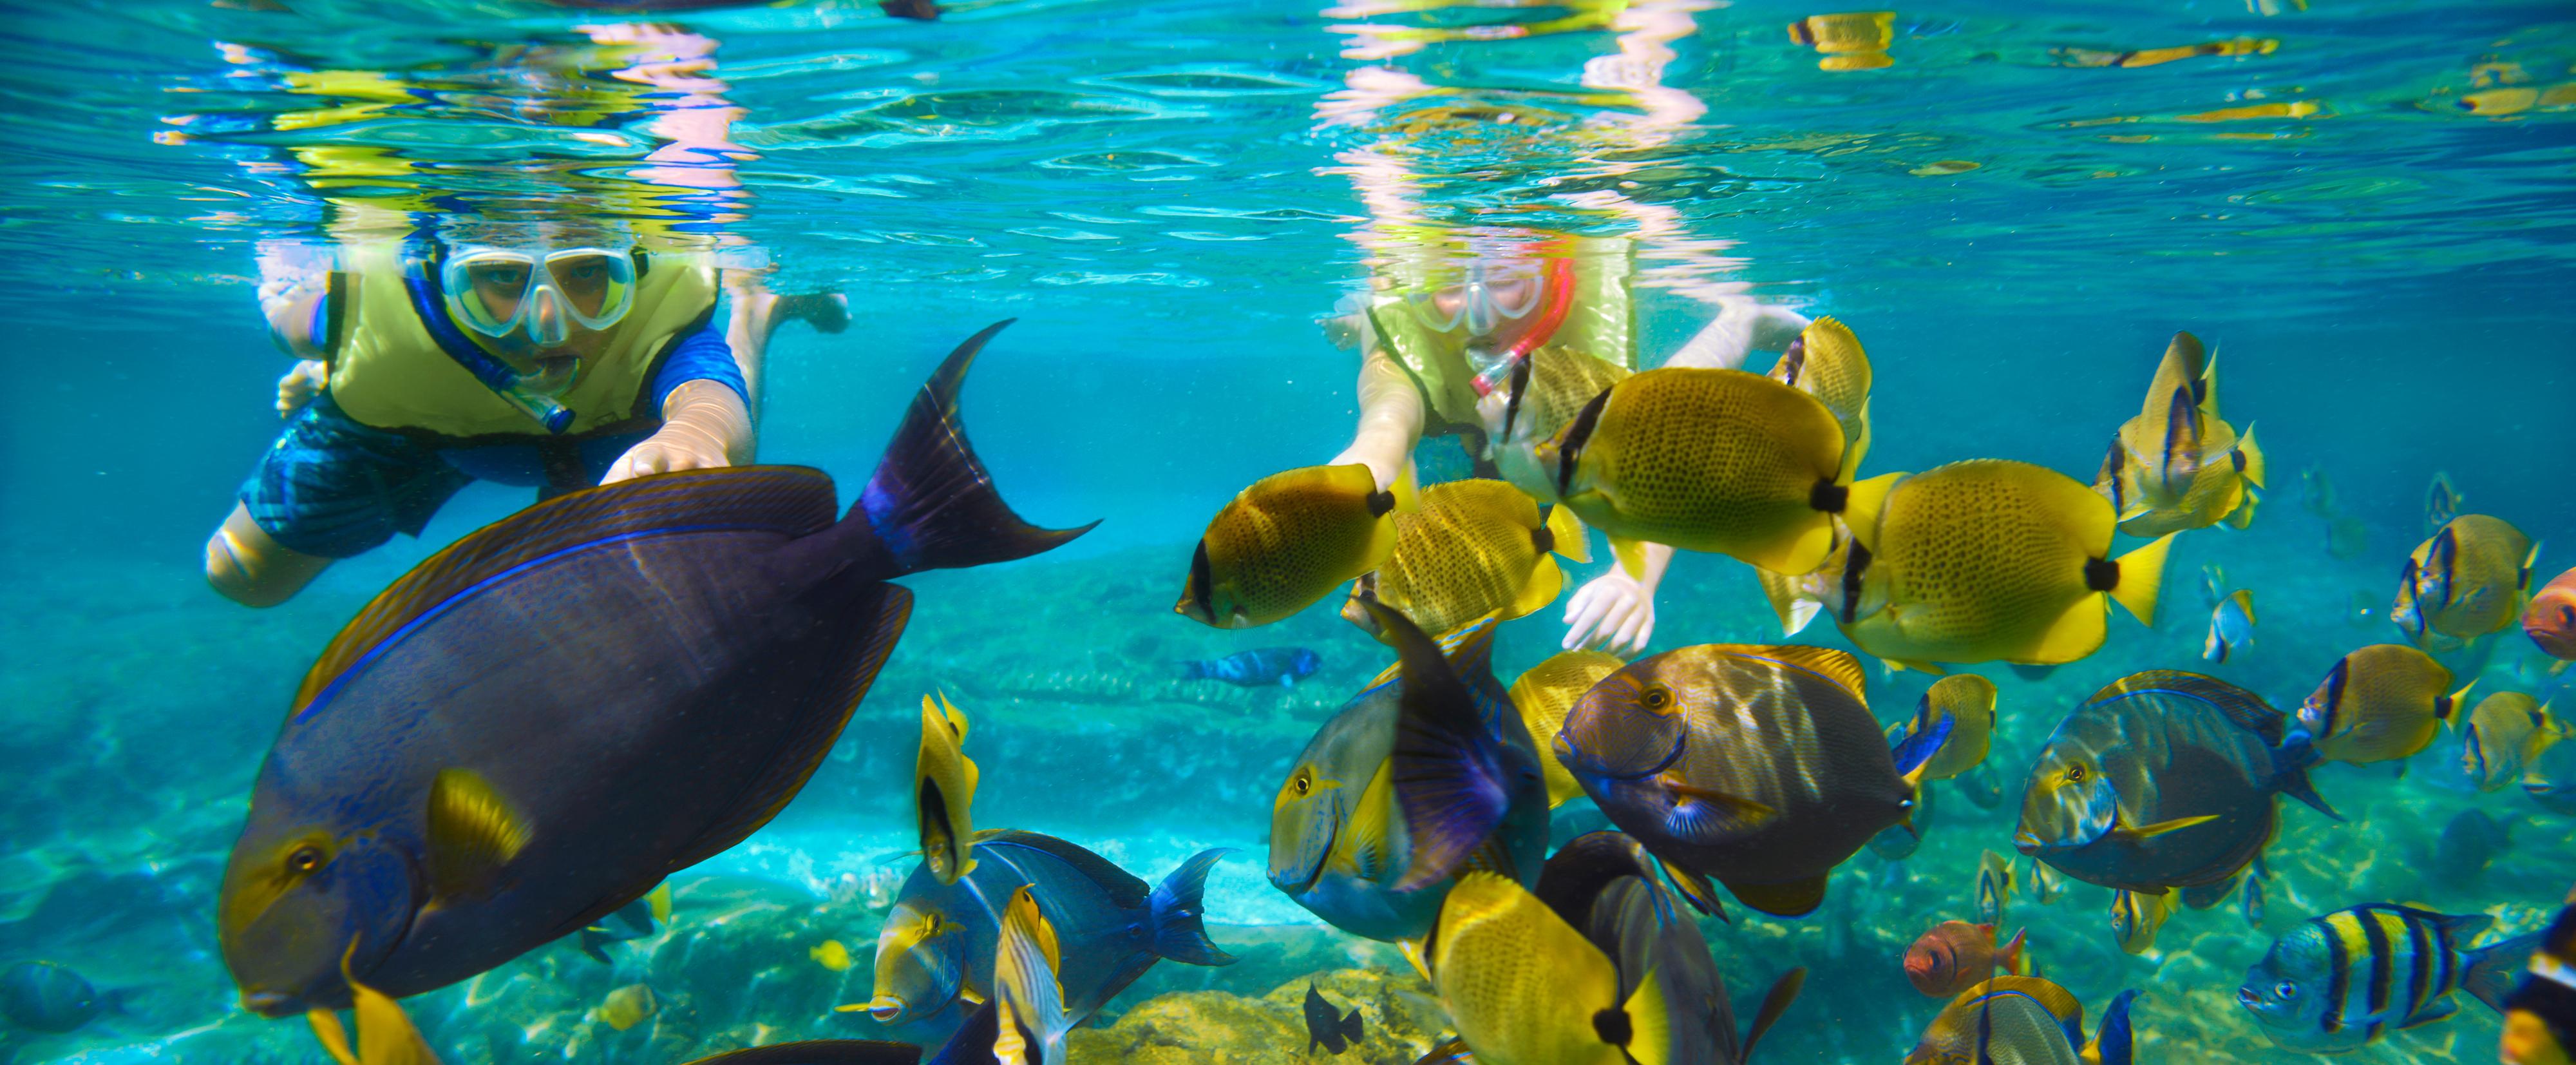 aulani-rainbow-reef-detail-fish-kids-hero.jpg